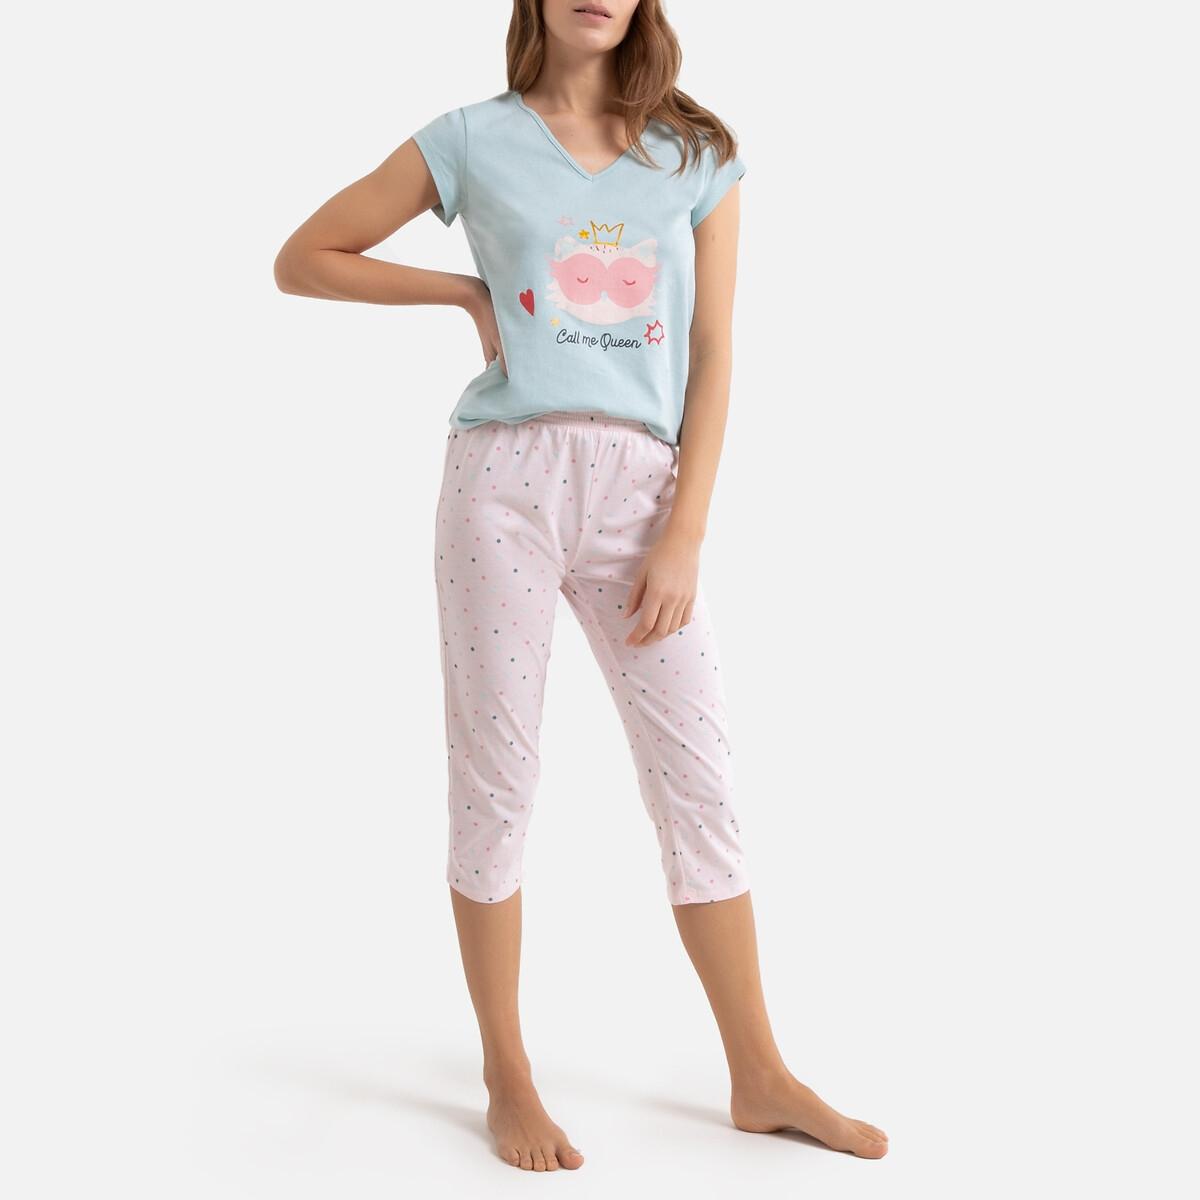 Pijama con short y estampado de gato, 100% algodón